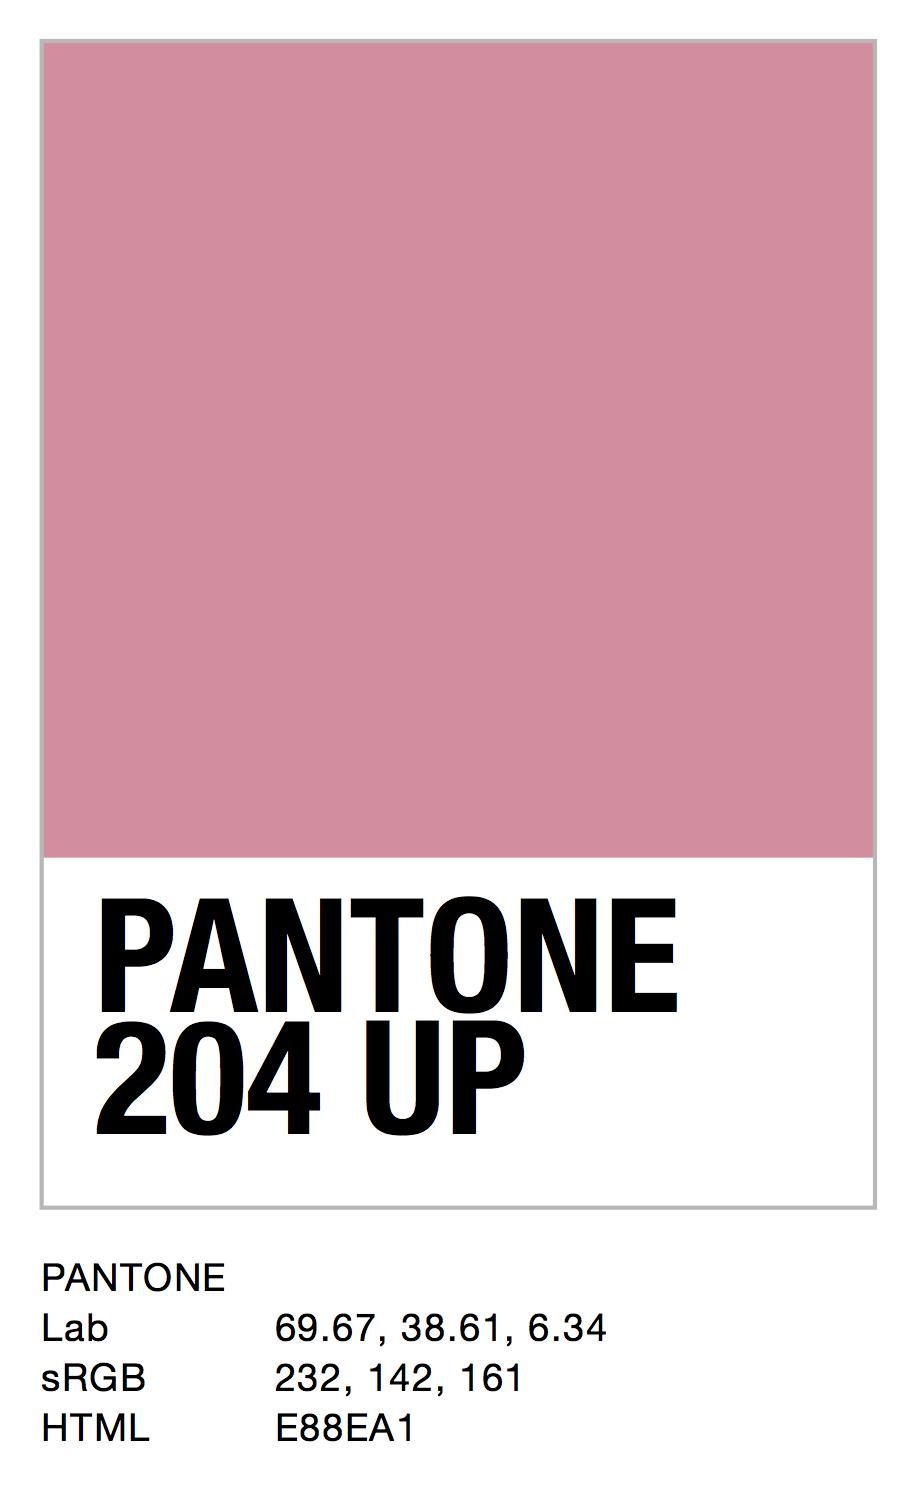 PANTONE 204 UP.jpg